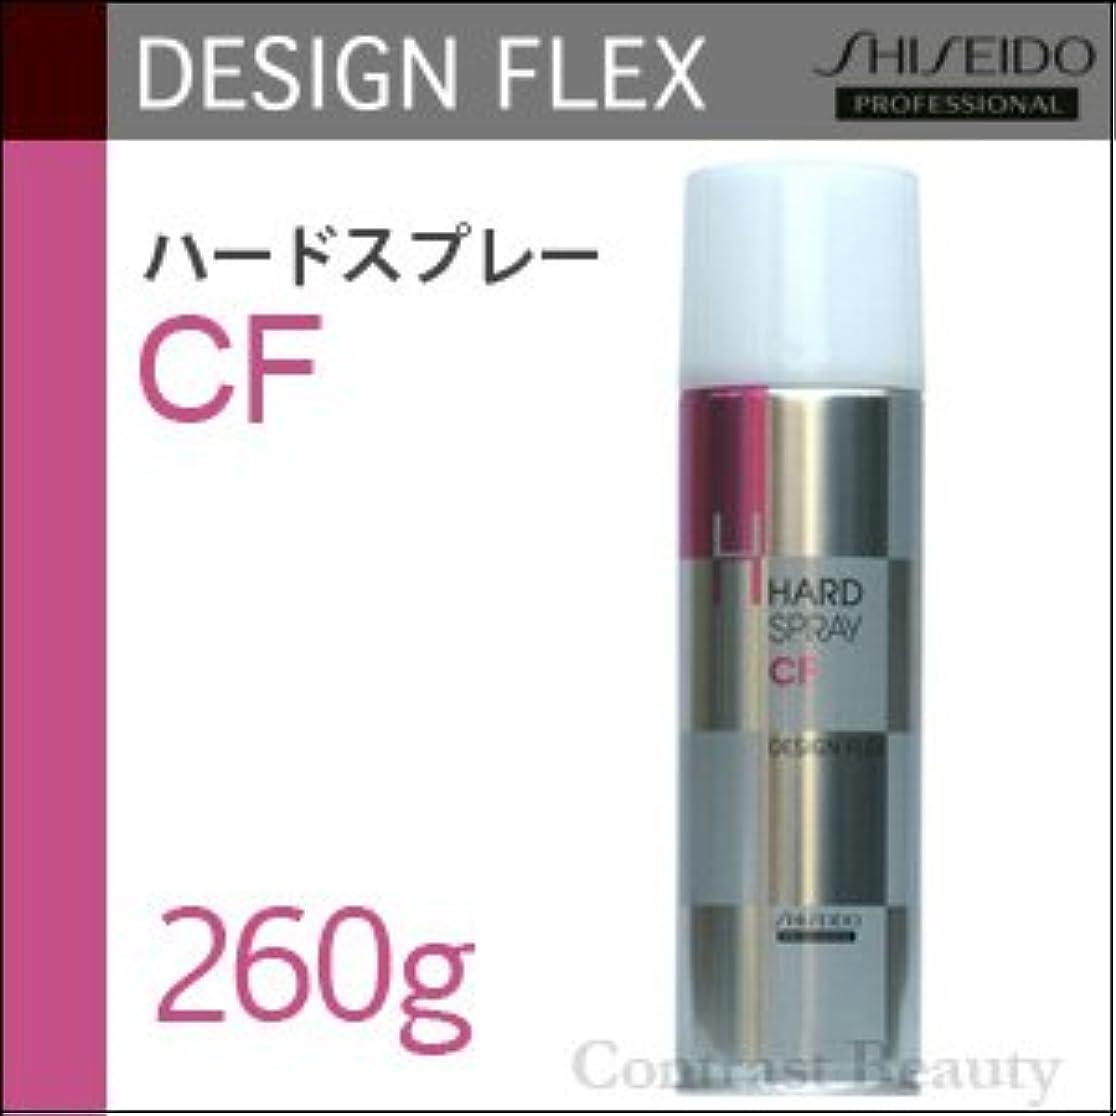 借りる驚かす最も【x3個セット】 資生堂 デザインフレックス ハードスプレーCF 260g